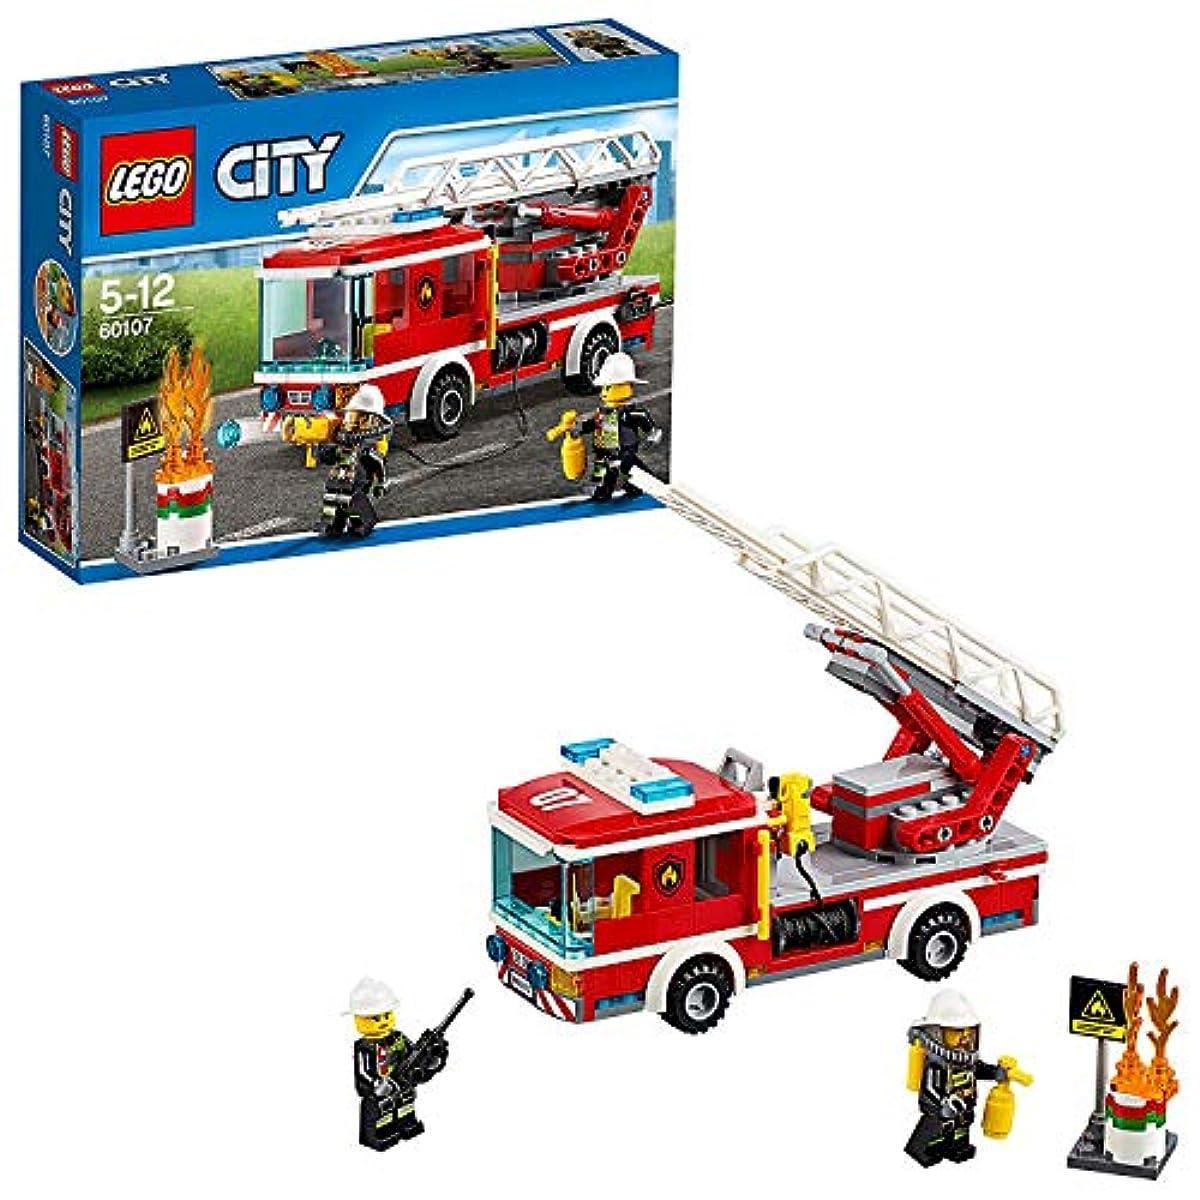 [해외] 레고 LEGO 씨티 사다리차 60107